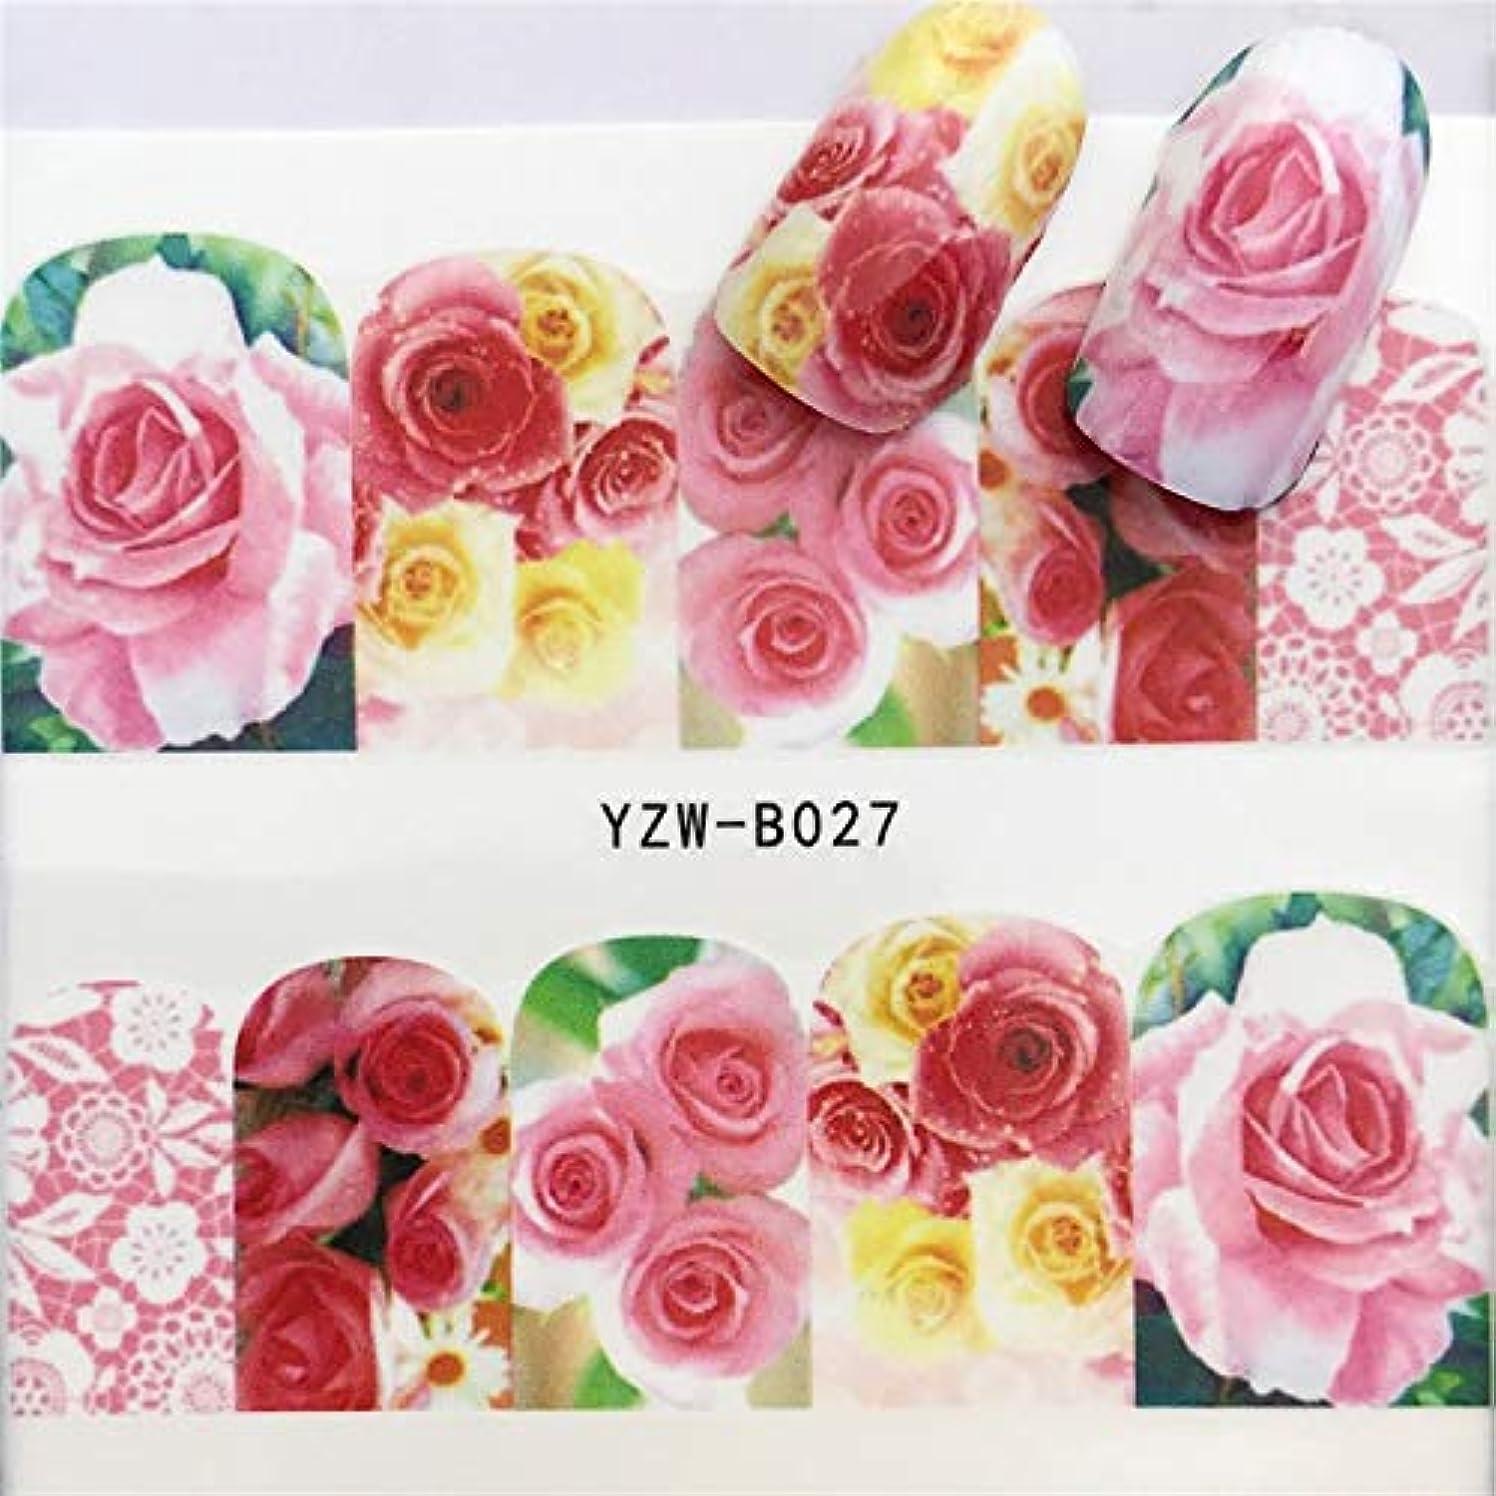 剣パニック抗生物質Yan 3個ネイルステッカーセットデカール水転写スライダーネイルアートデコレーション、色:YZWB027